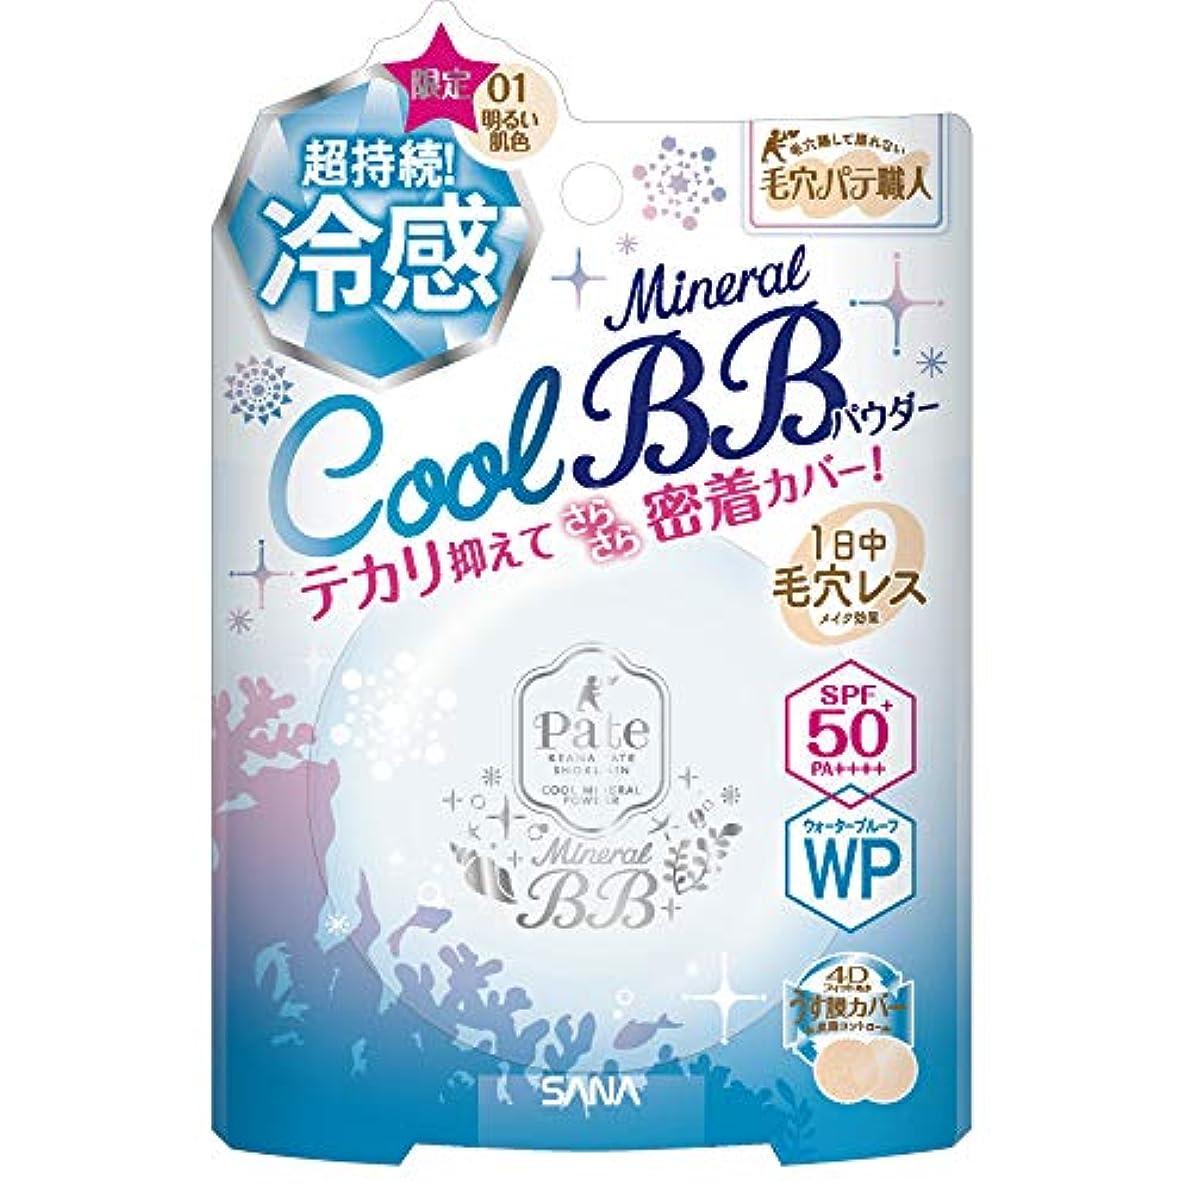 毛穴パテ職人 ミネラルBBパウダーCOOL 01 明るい肌色 ウォータープルーフ SPF50+ PA++++